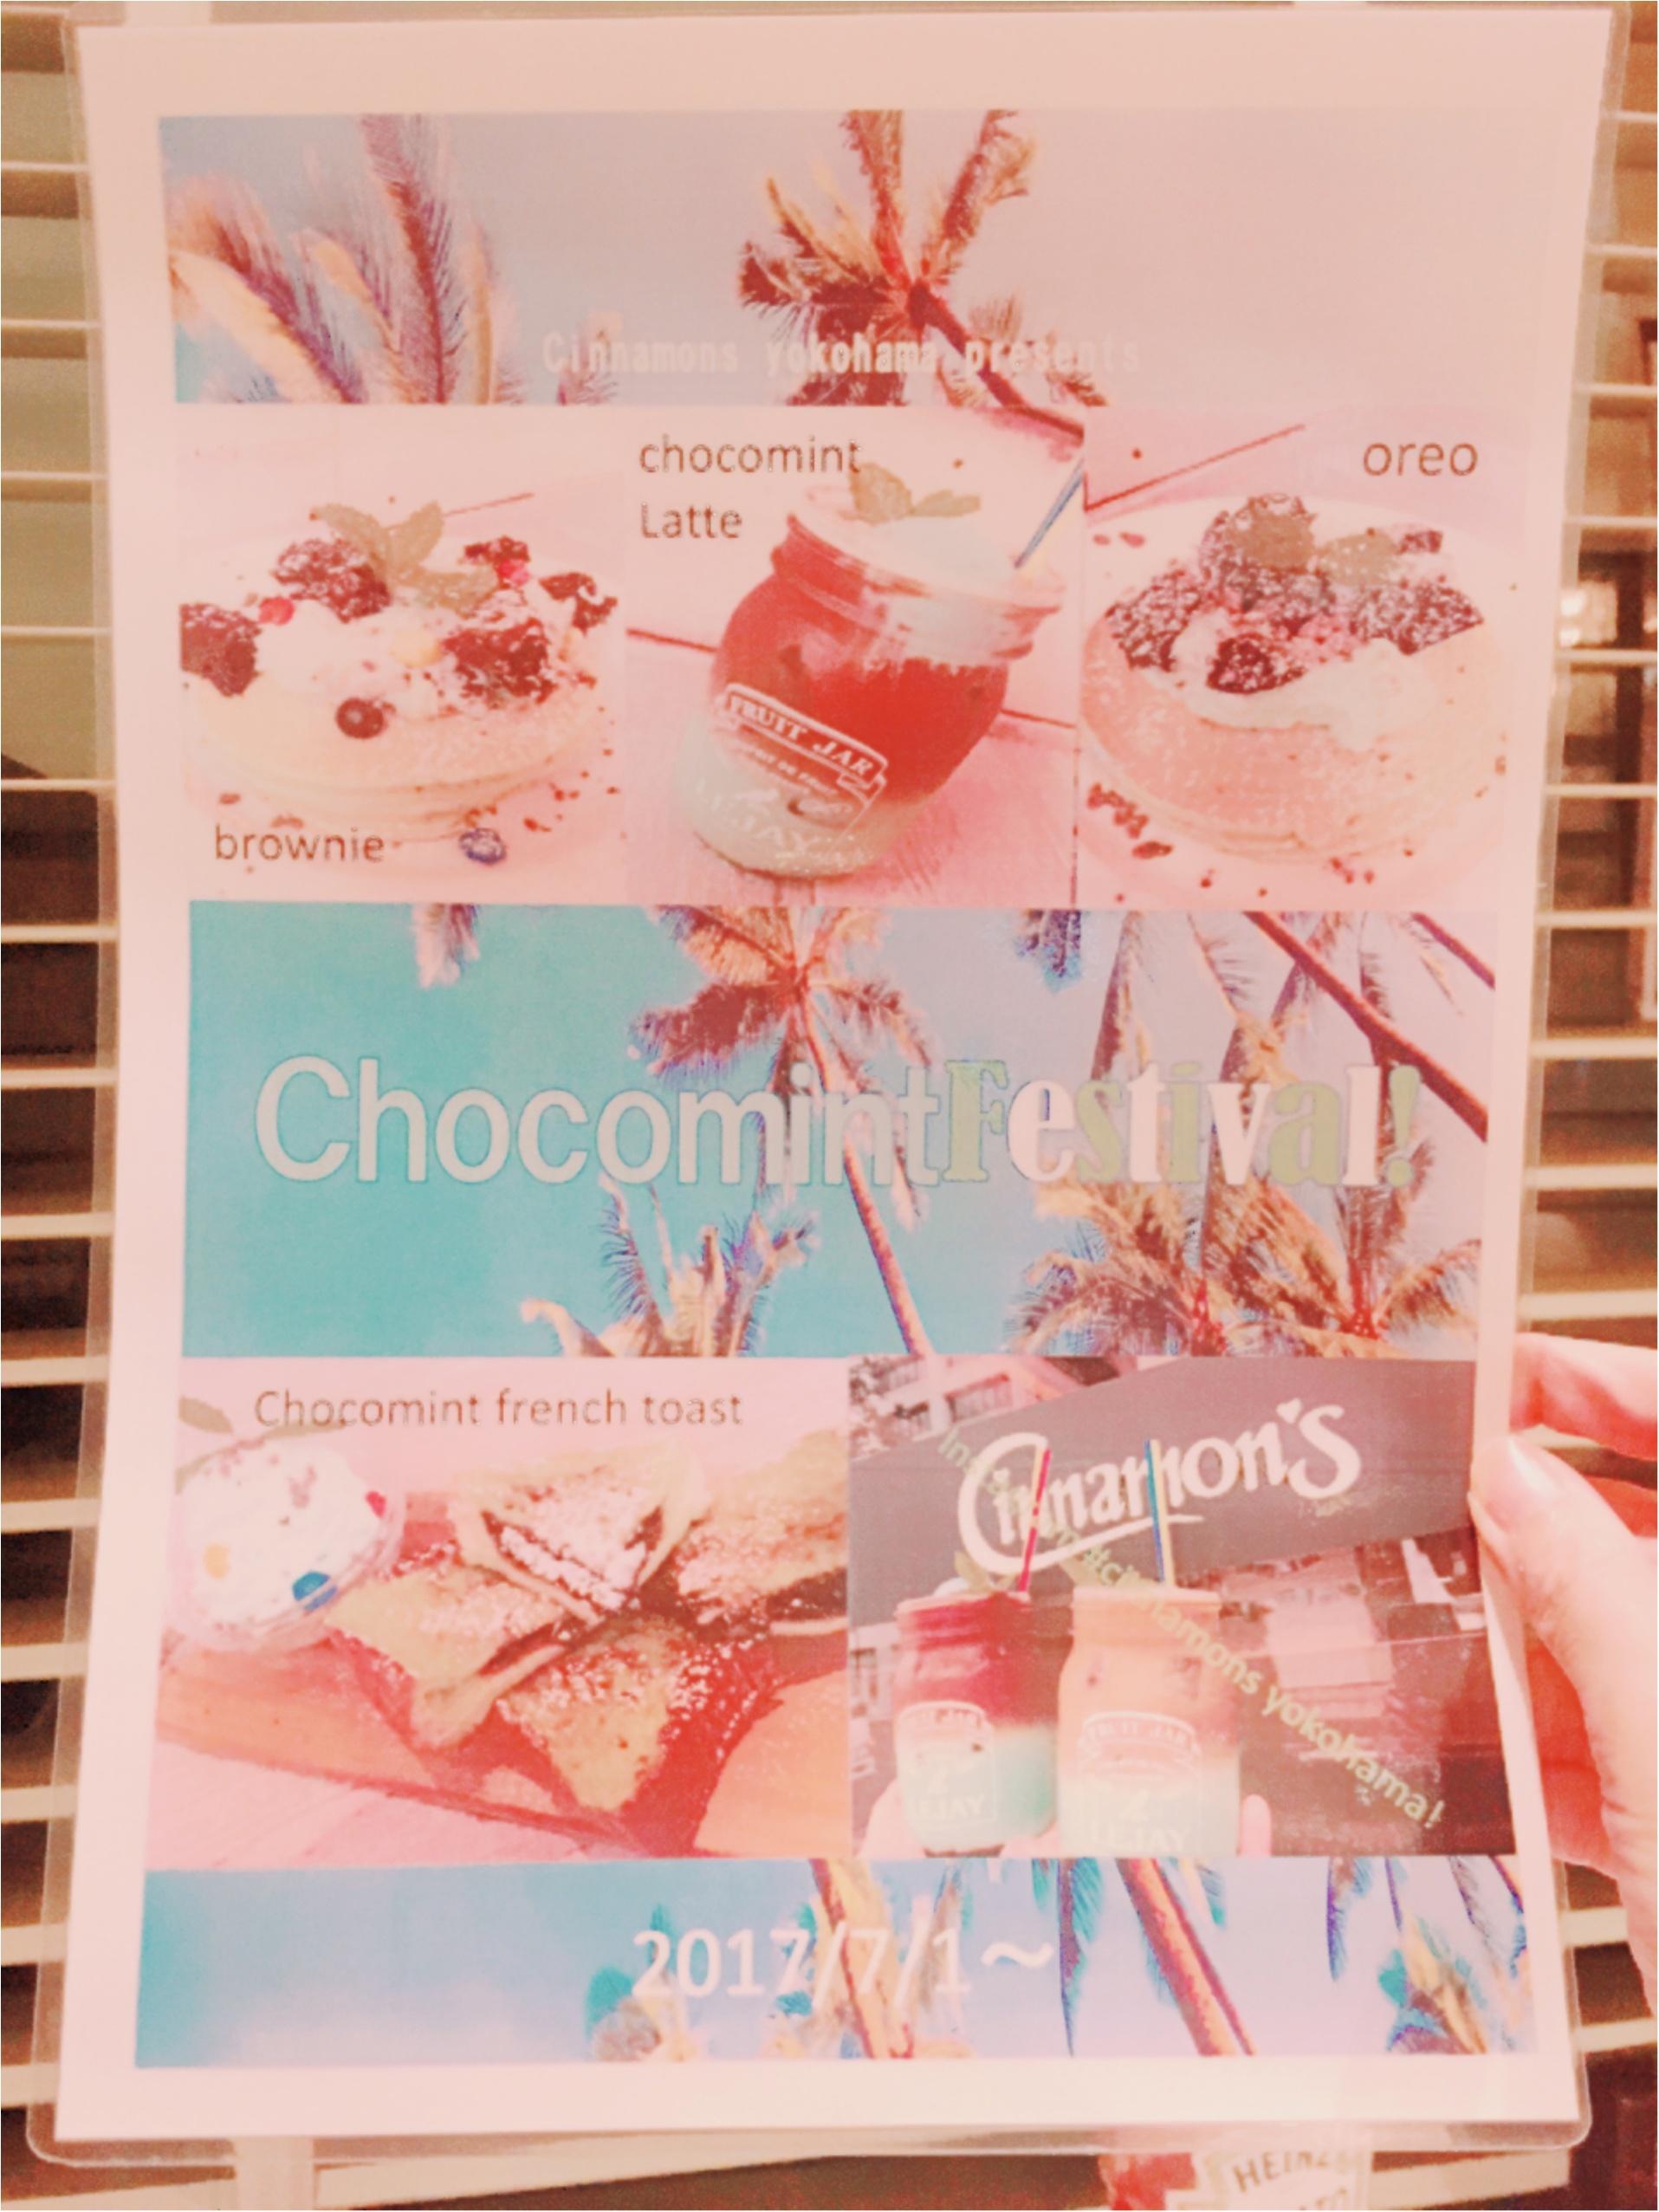 チョコミン党の天国♪シナモンズ横浜のチョコミントフェスティバルをレポ!_2